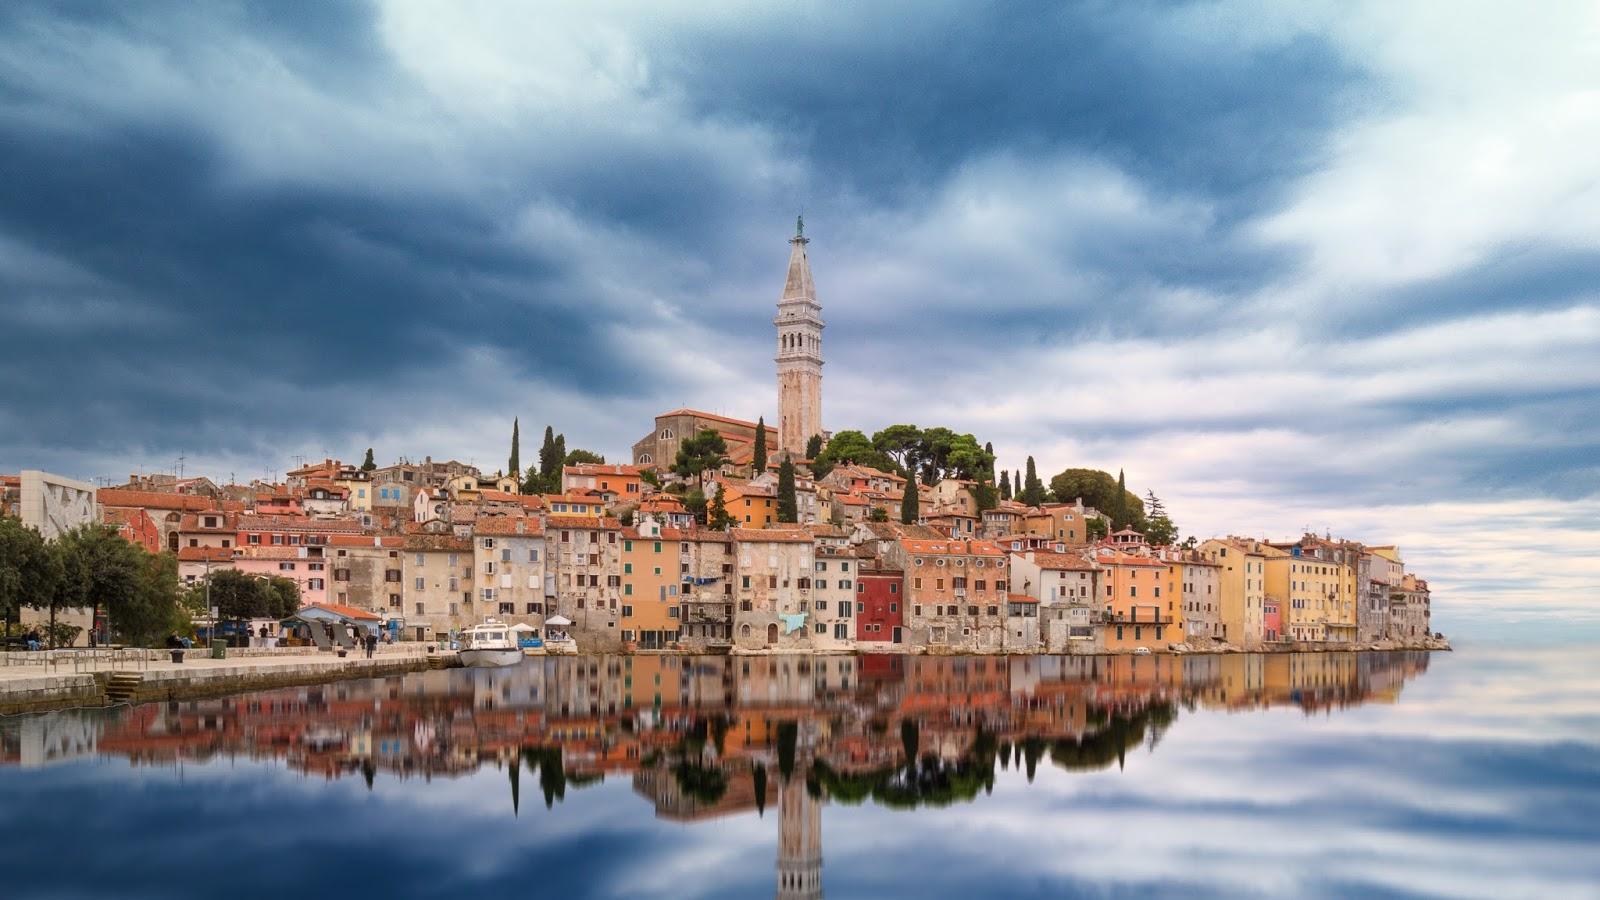 Old Town Rovinj Croati...